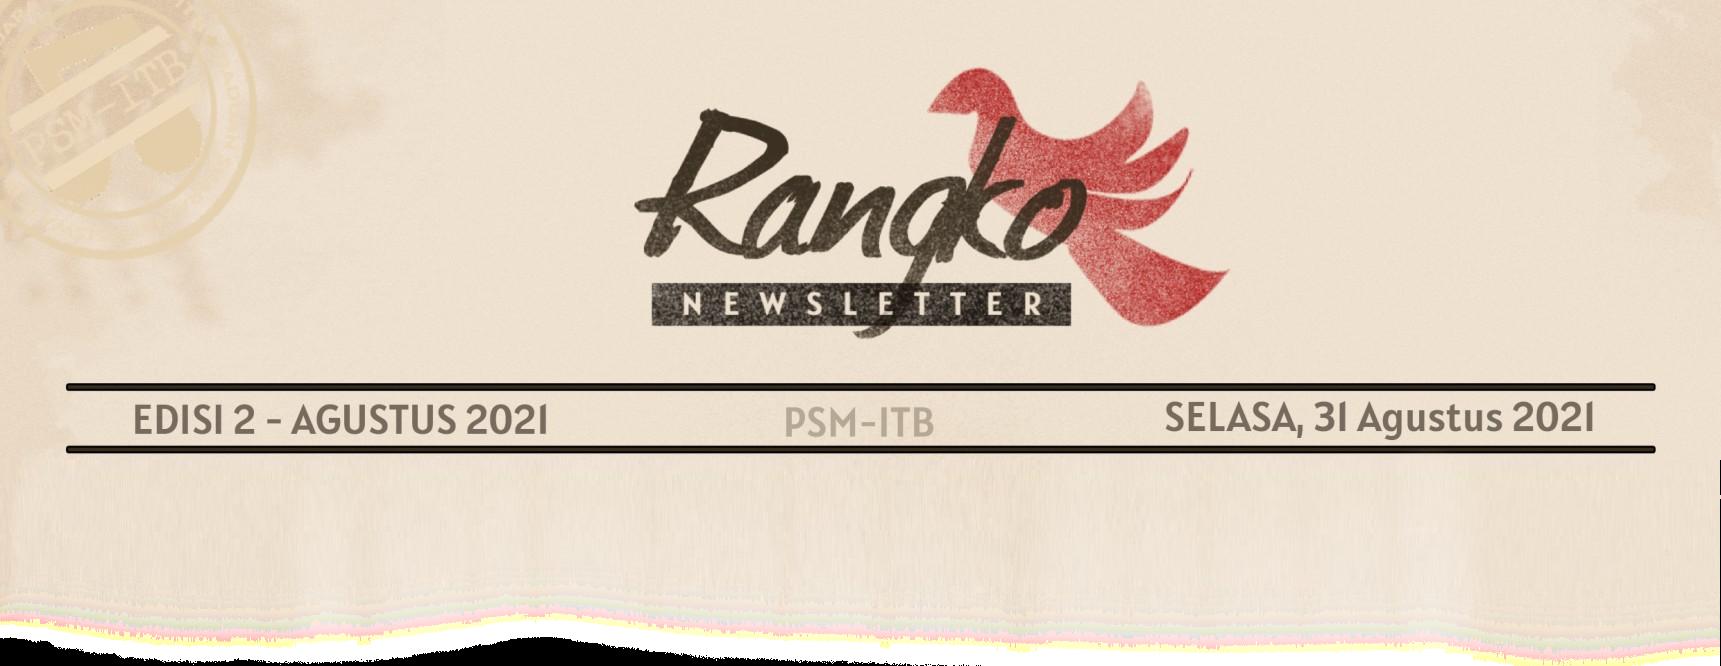 Rangko Newsletter: August Edition